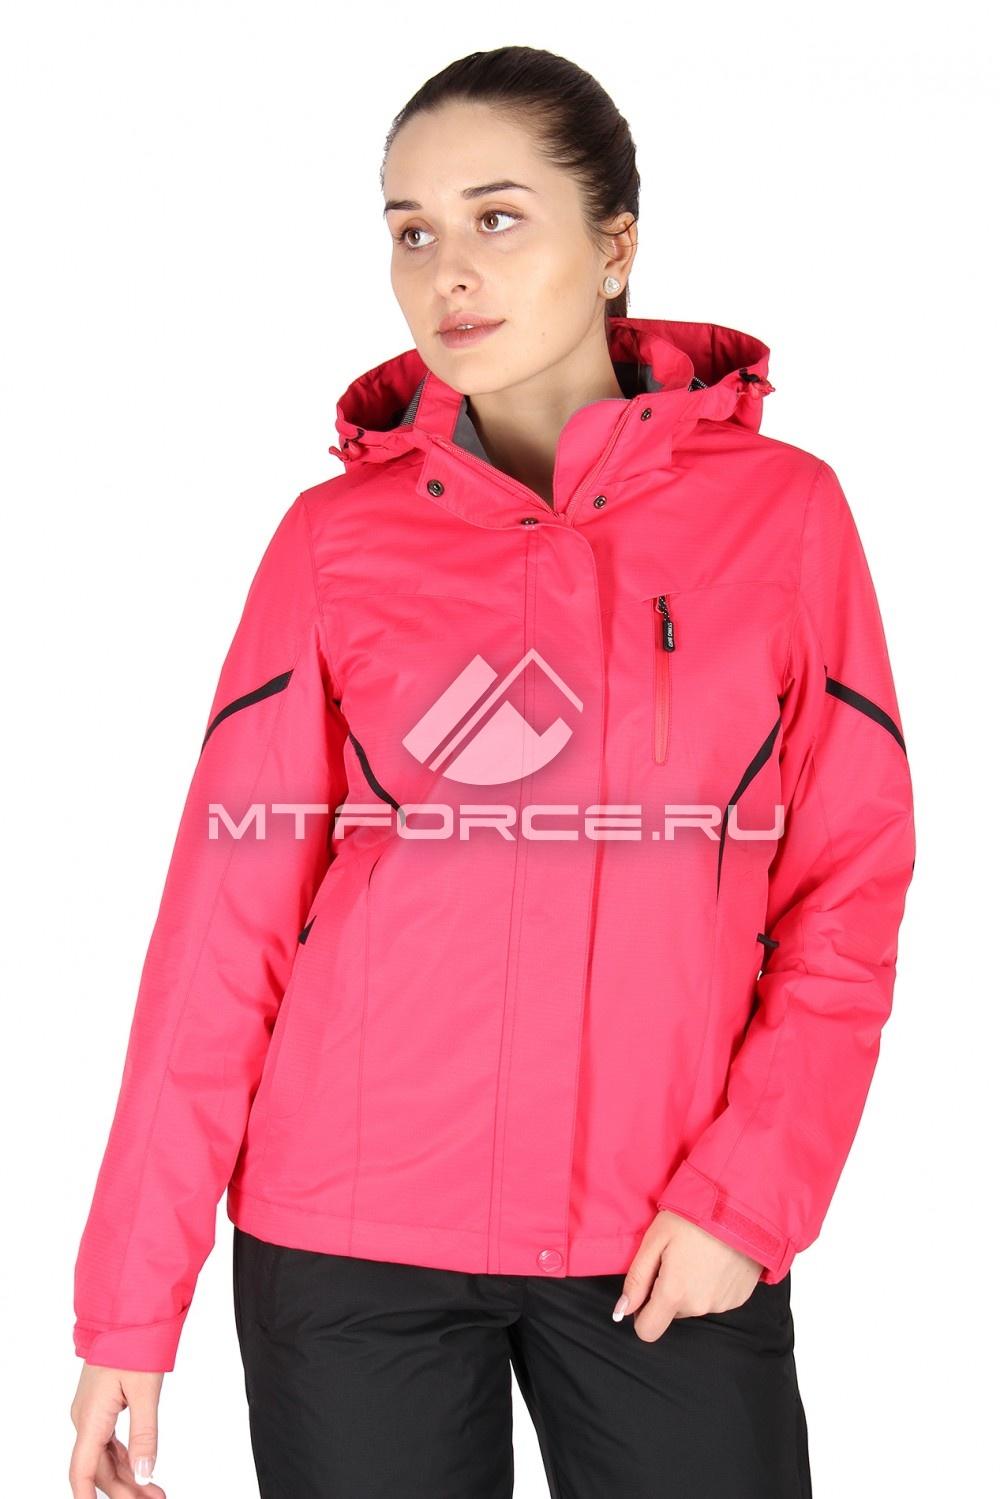 Купить                                  оптом Куртка спортивная женская весна красного цвета 1615Kr